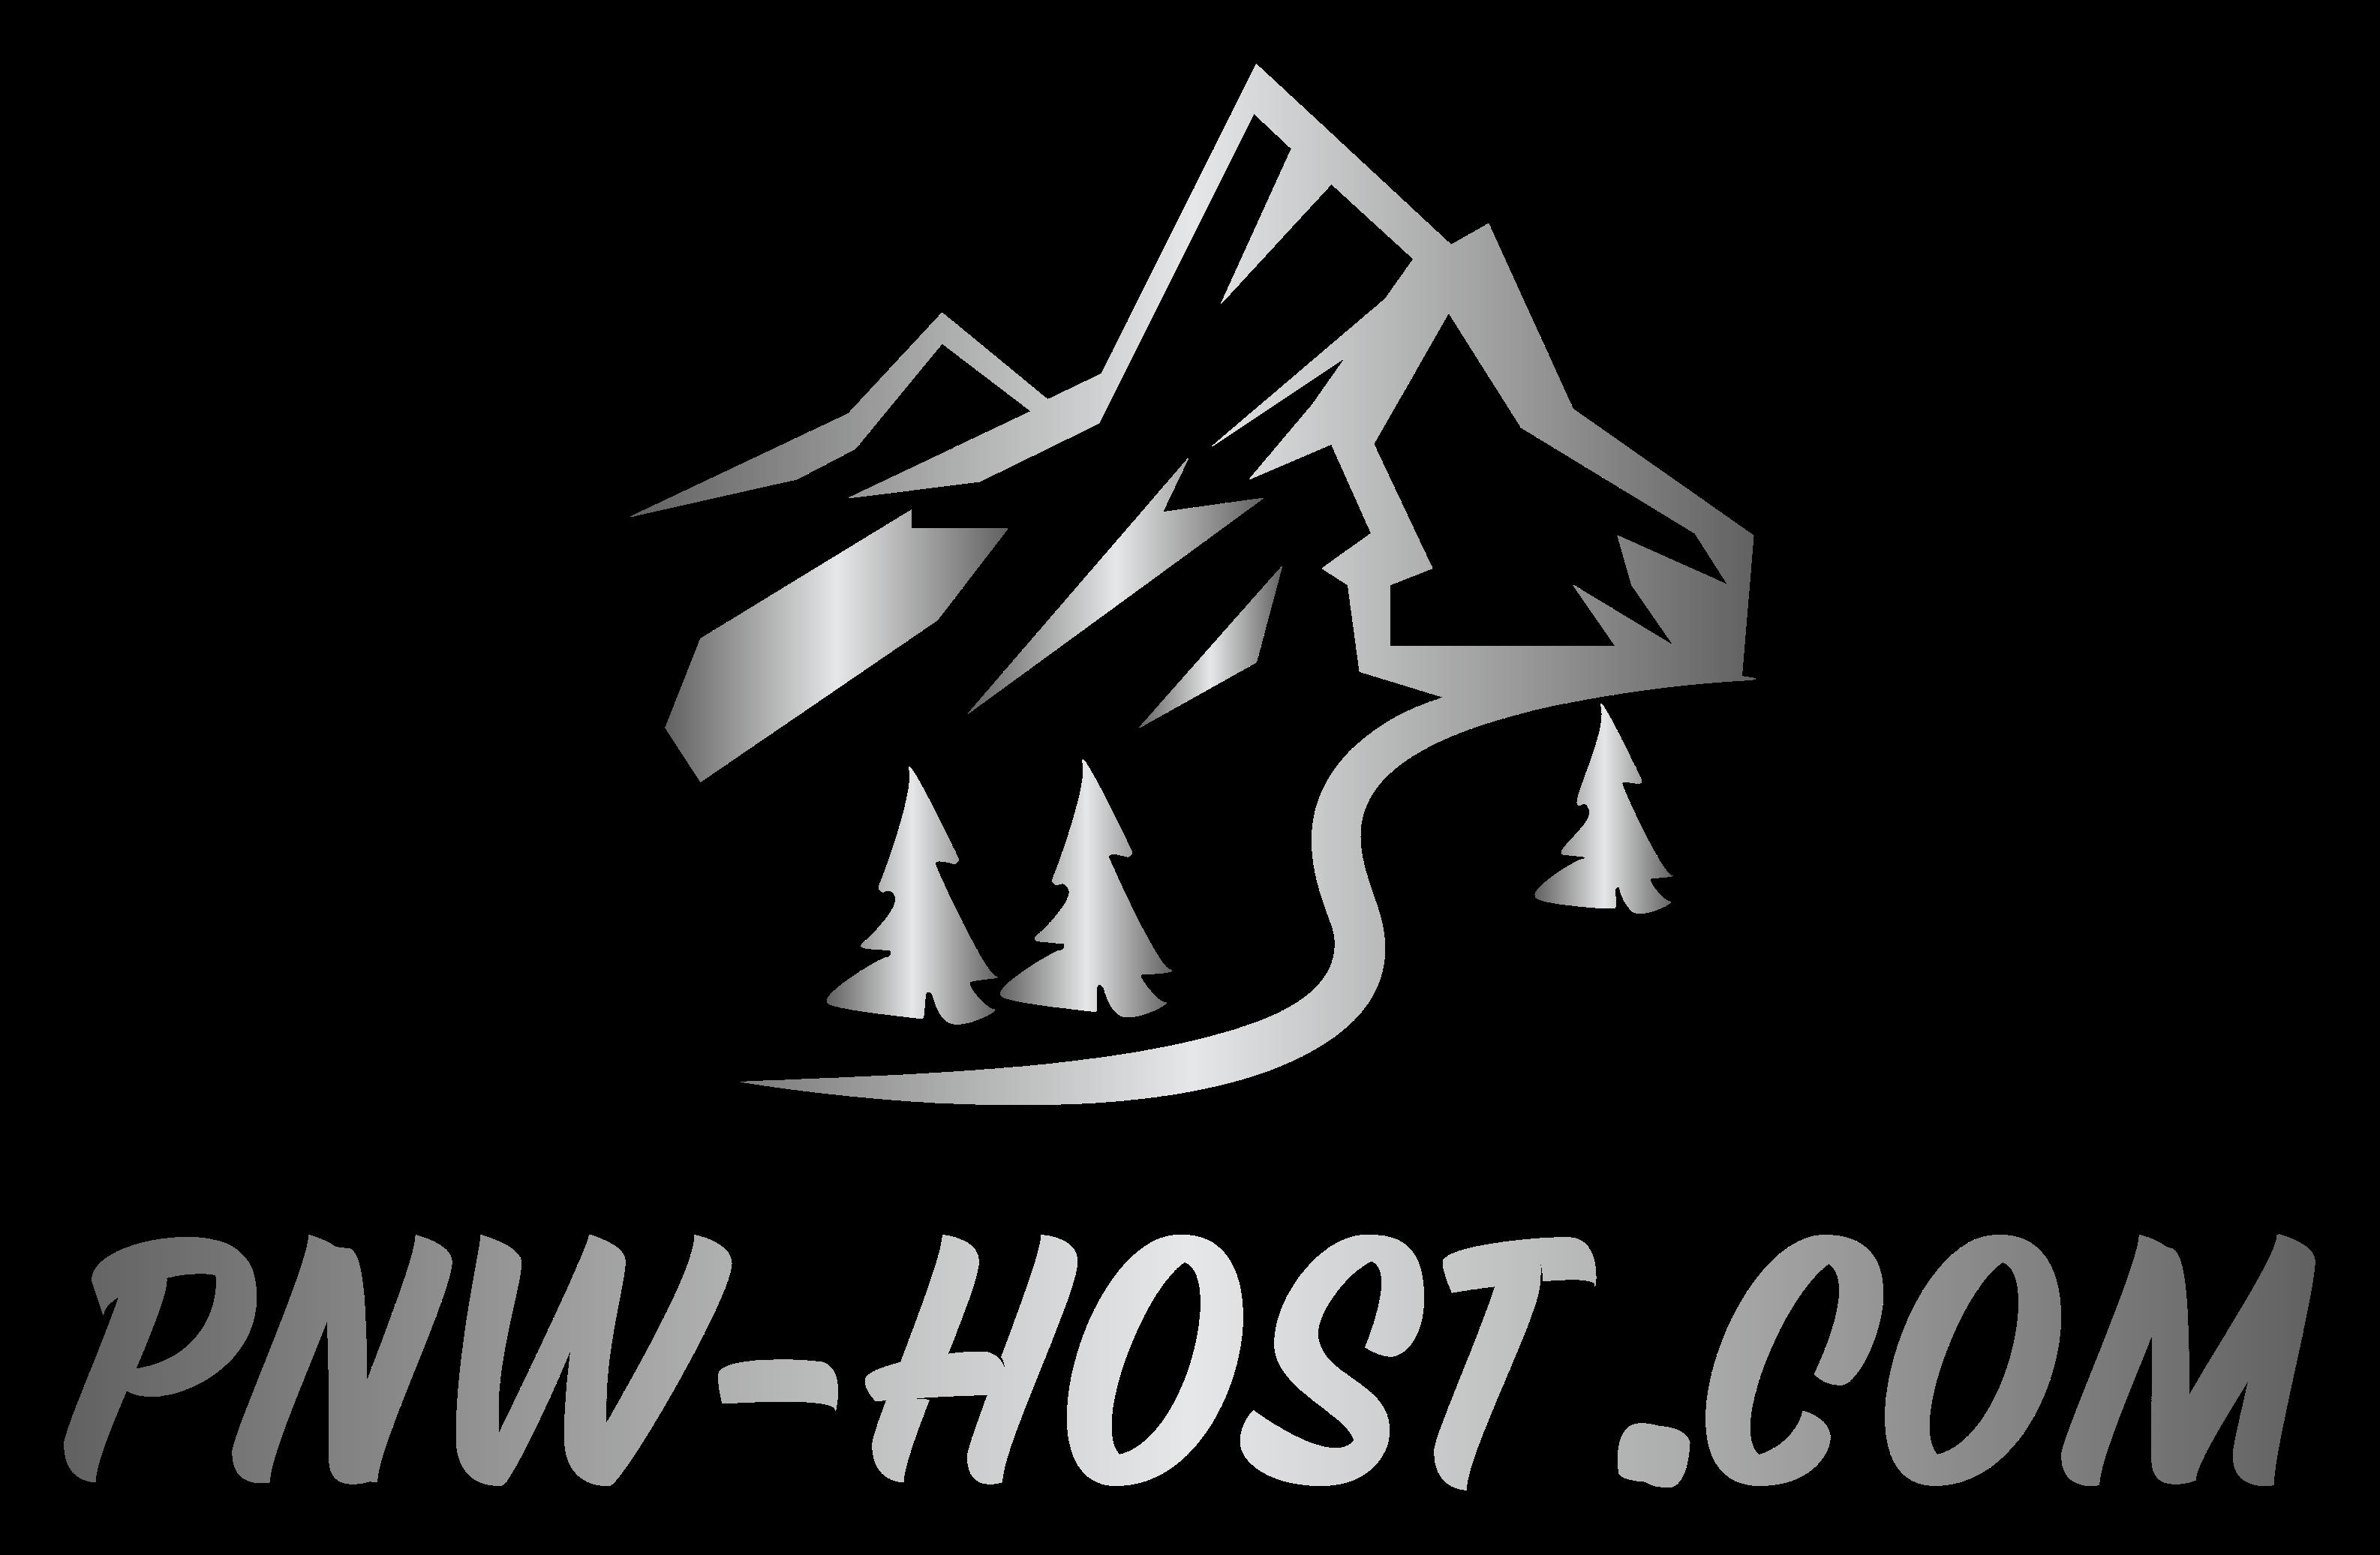 PNW-HOST.COM